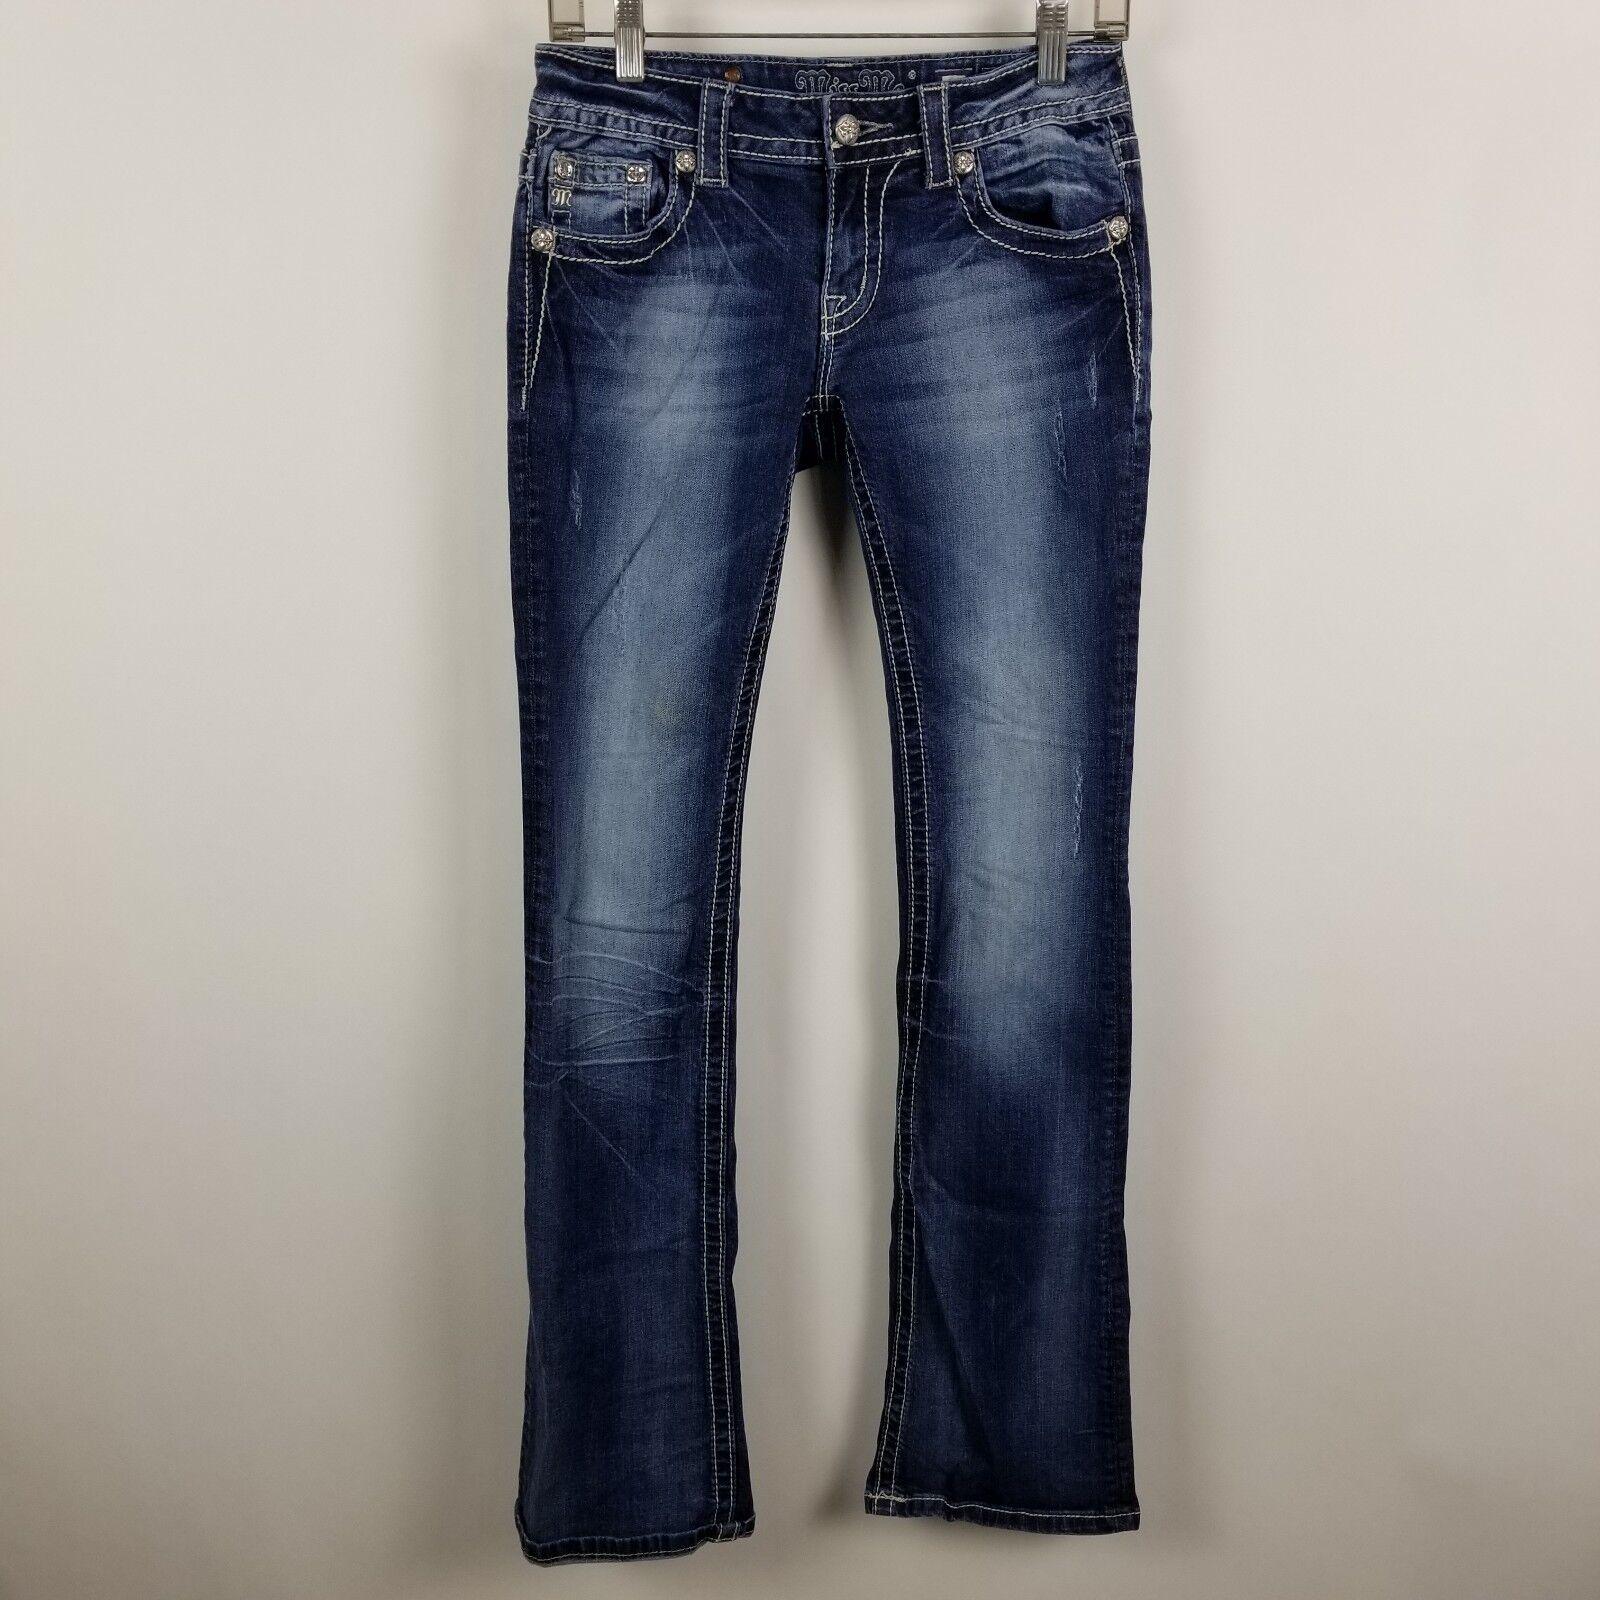 Miss Me Boot Cut JP58483 Distress Womens Dark Wash bluee Jeans Size 27x34